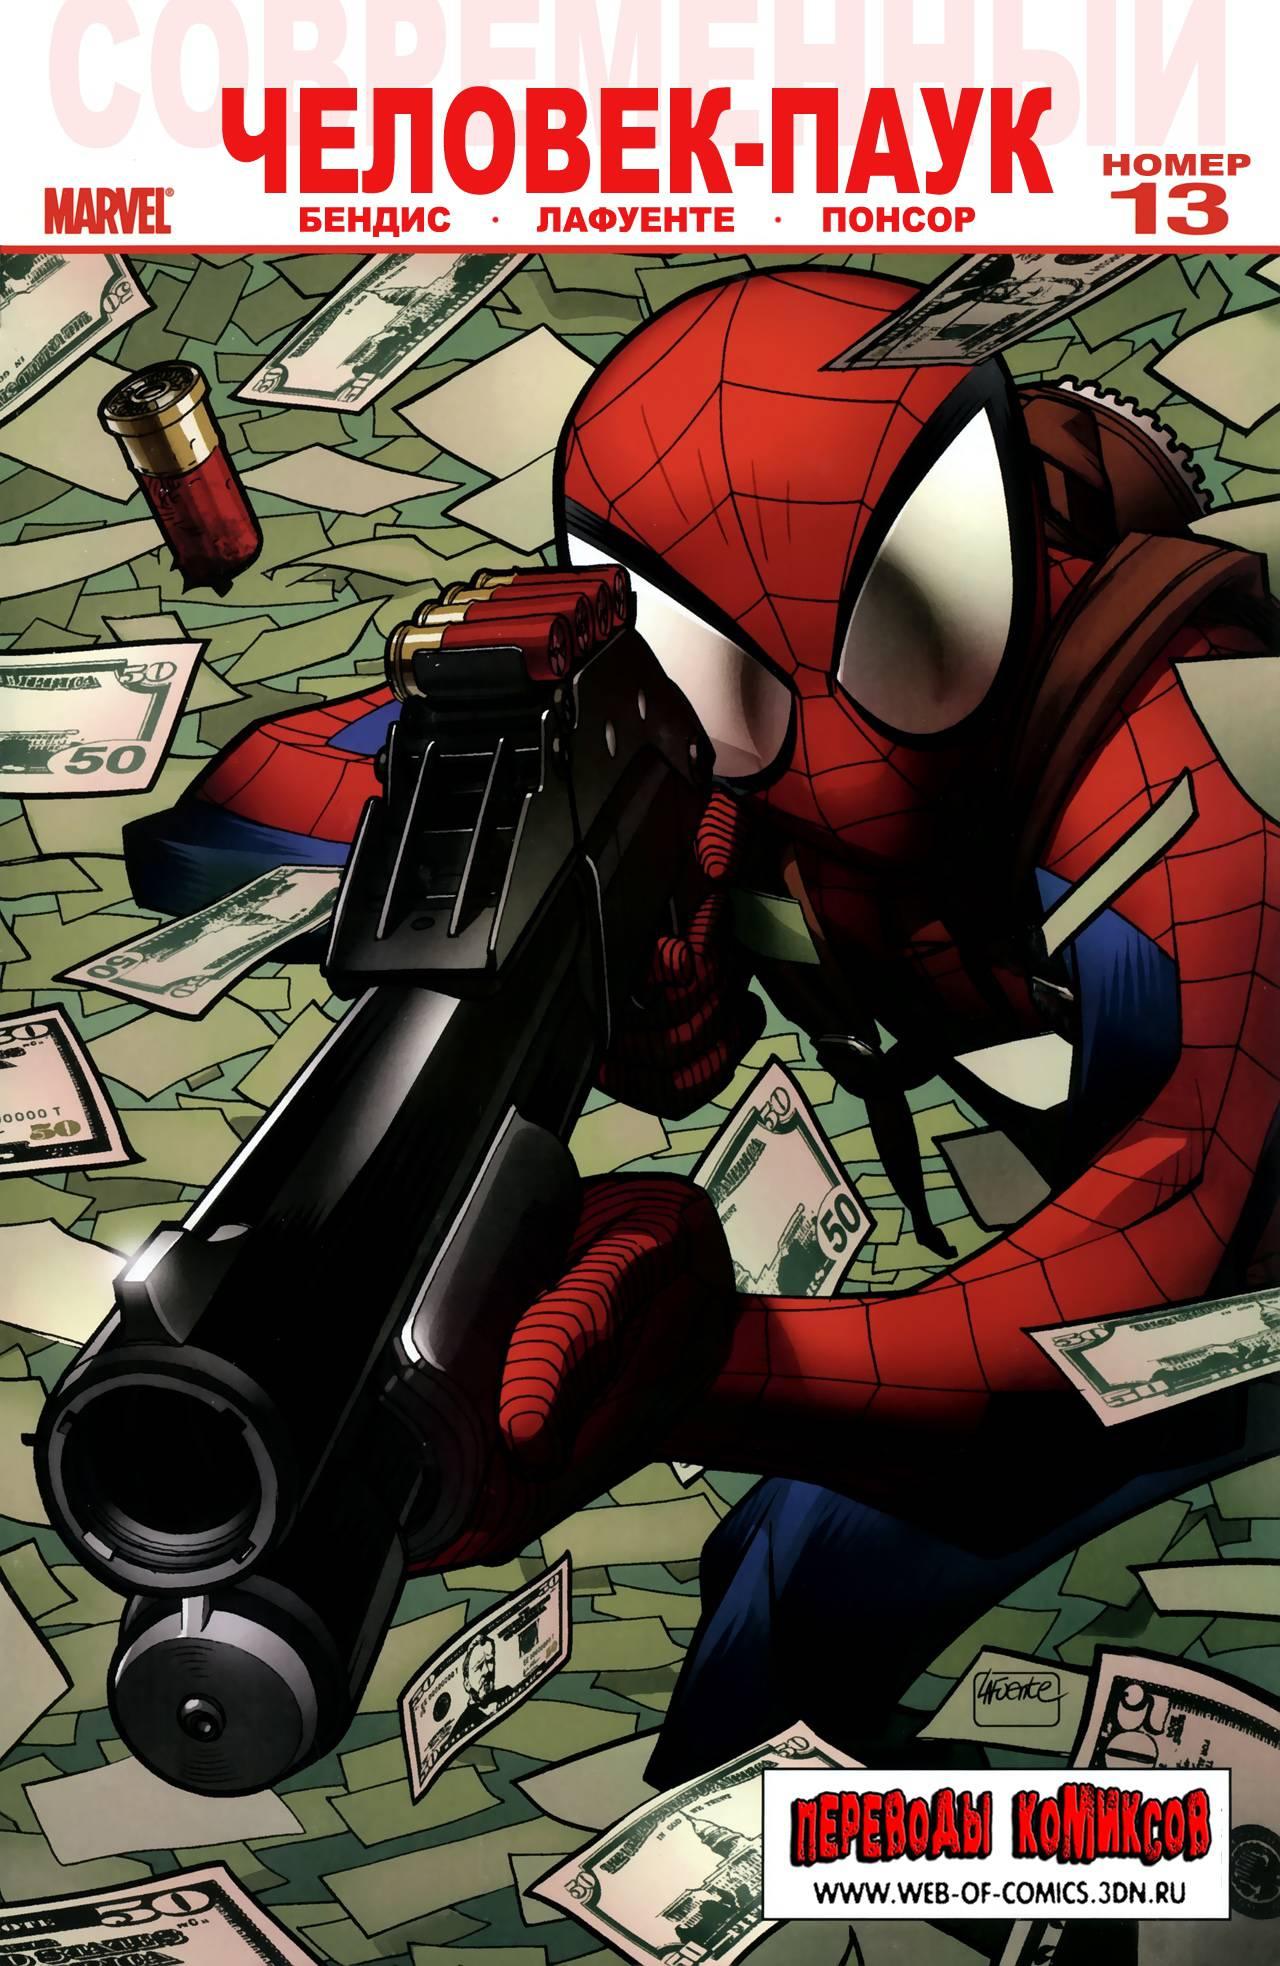 Современный Комикс Человек-Паук №13 онлайн